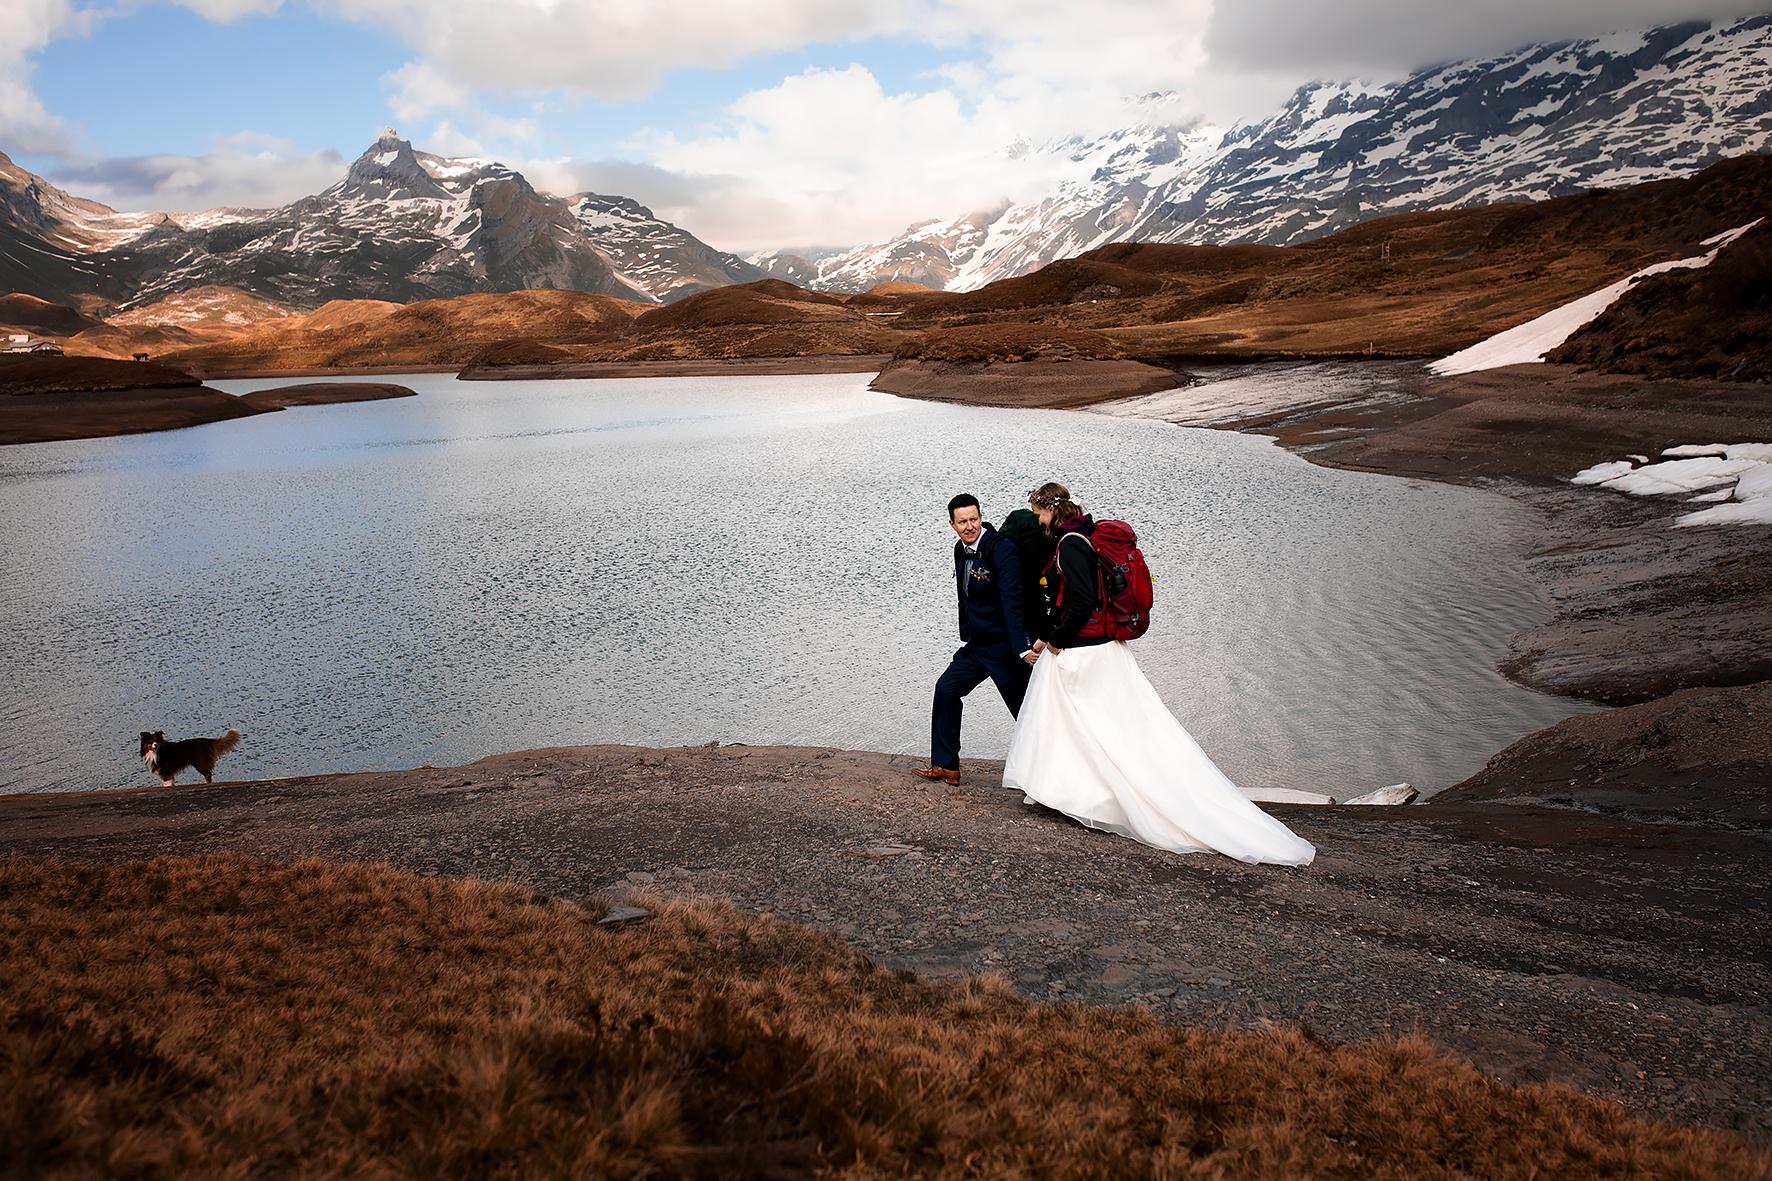 Braut und Bräutigam wandern entlang des Bergsees um einen guten Ort für ihr Trauversprechen zu finden. Das Ufer des Sees ist steinig und teilweise mit Schnee bedeckt und ist von mit Heidekraut bewachsenen Hügeln umgeben. Am Horizont erstreckt sich eine Bergkette mit dem Titlis, dem Graustock, der Wendestöcke und dem Jochstock. Der Hund des Brautpaares ist den Beiden voraus und blickt zurück. Das Paar trägt ihr Hochzeitsoutfit und Rucksäcke.